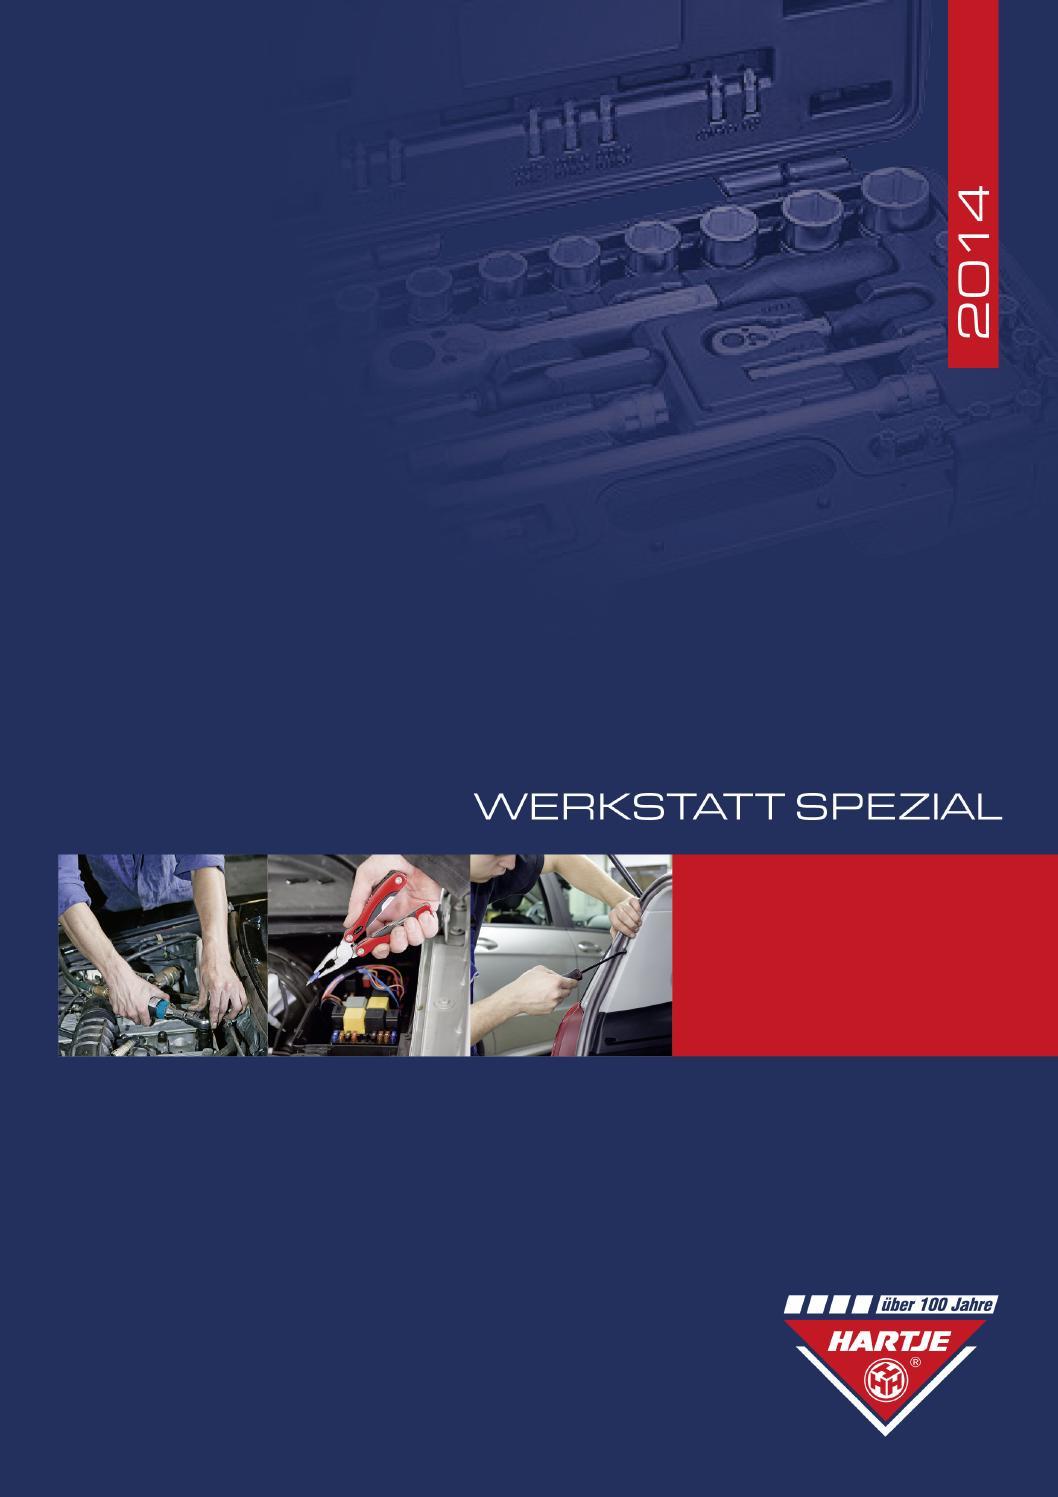 Werkstatt Spezial 2014 by Hermann Hartje KG - issuu